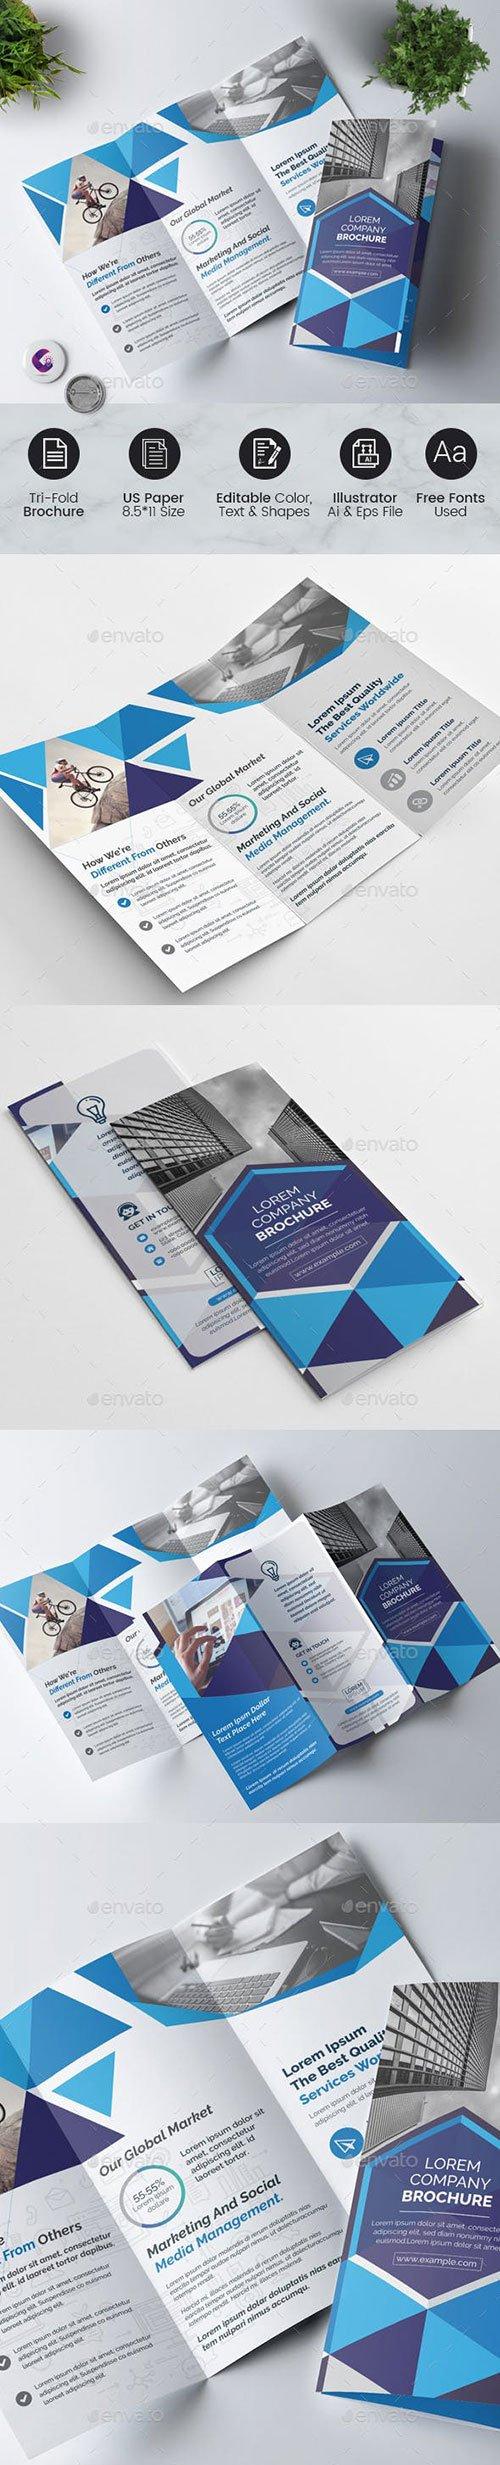 GraphicRiver - Geometric Tri-Fold Brochure 22568846